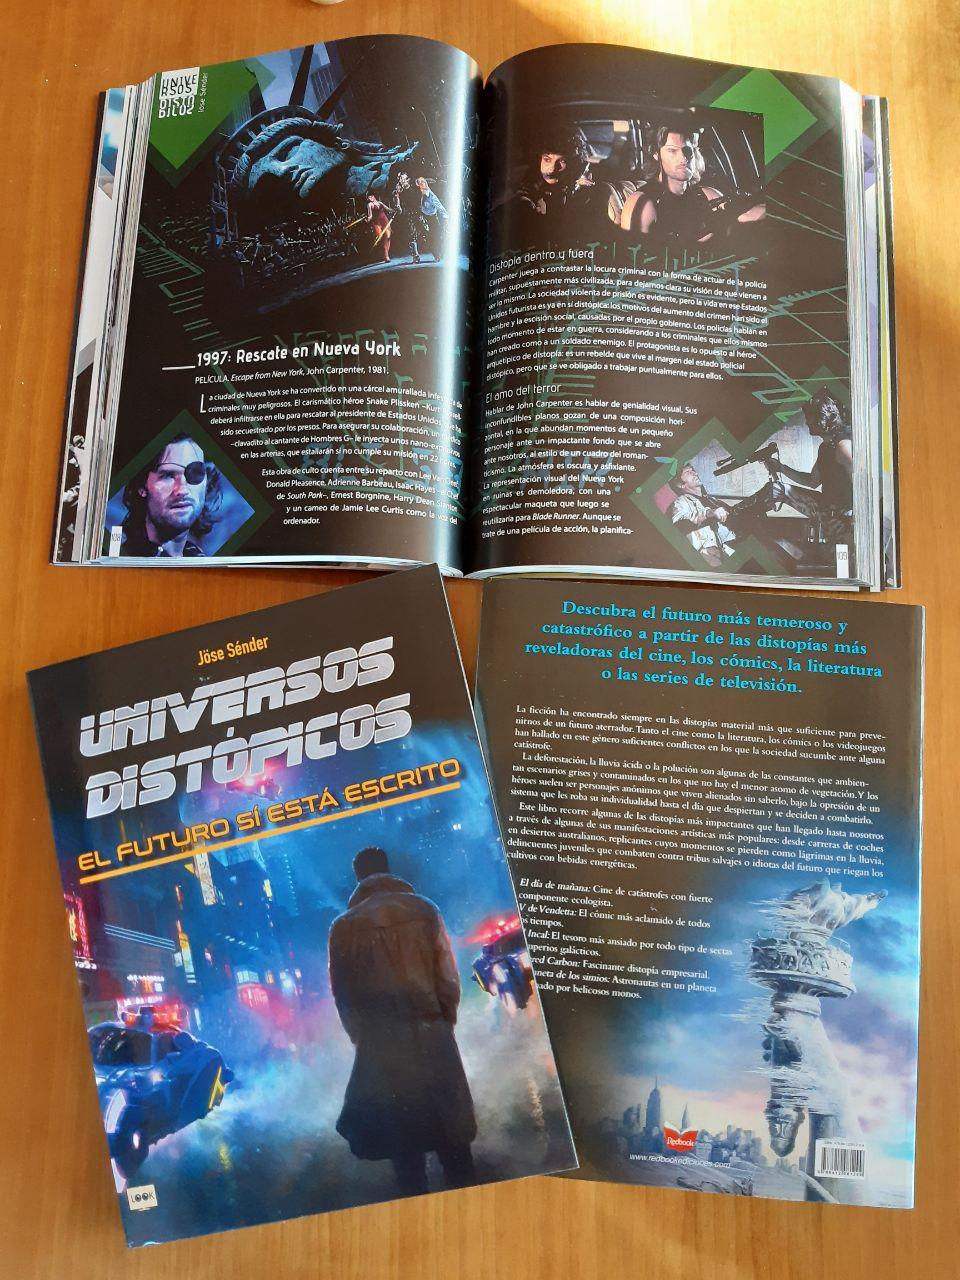 distopía, ciencia ficción, libros, pop, cultura, divulgación, cine, series, tv, cómic, videojuegos,